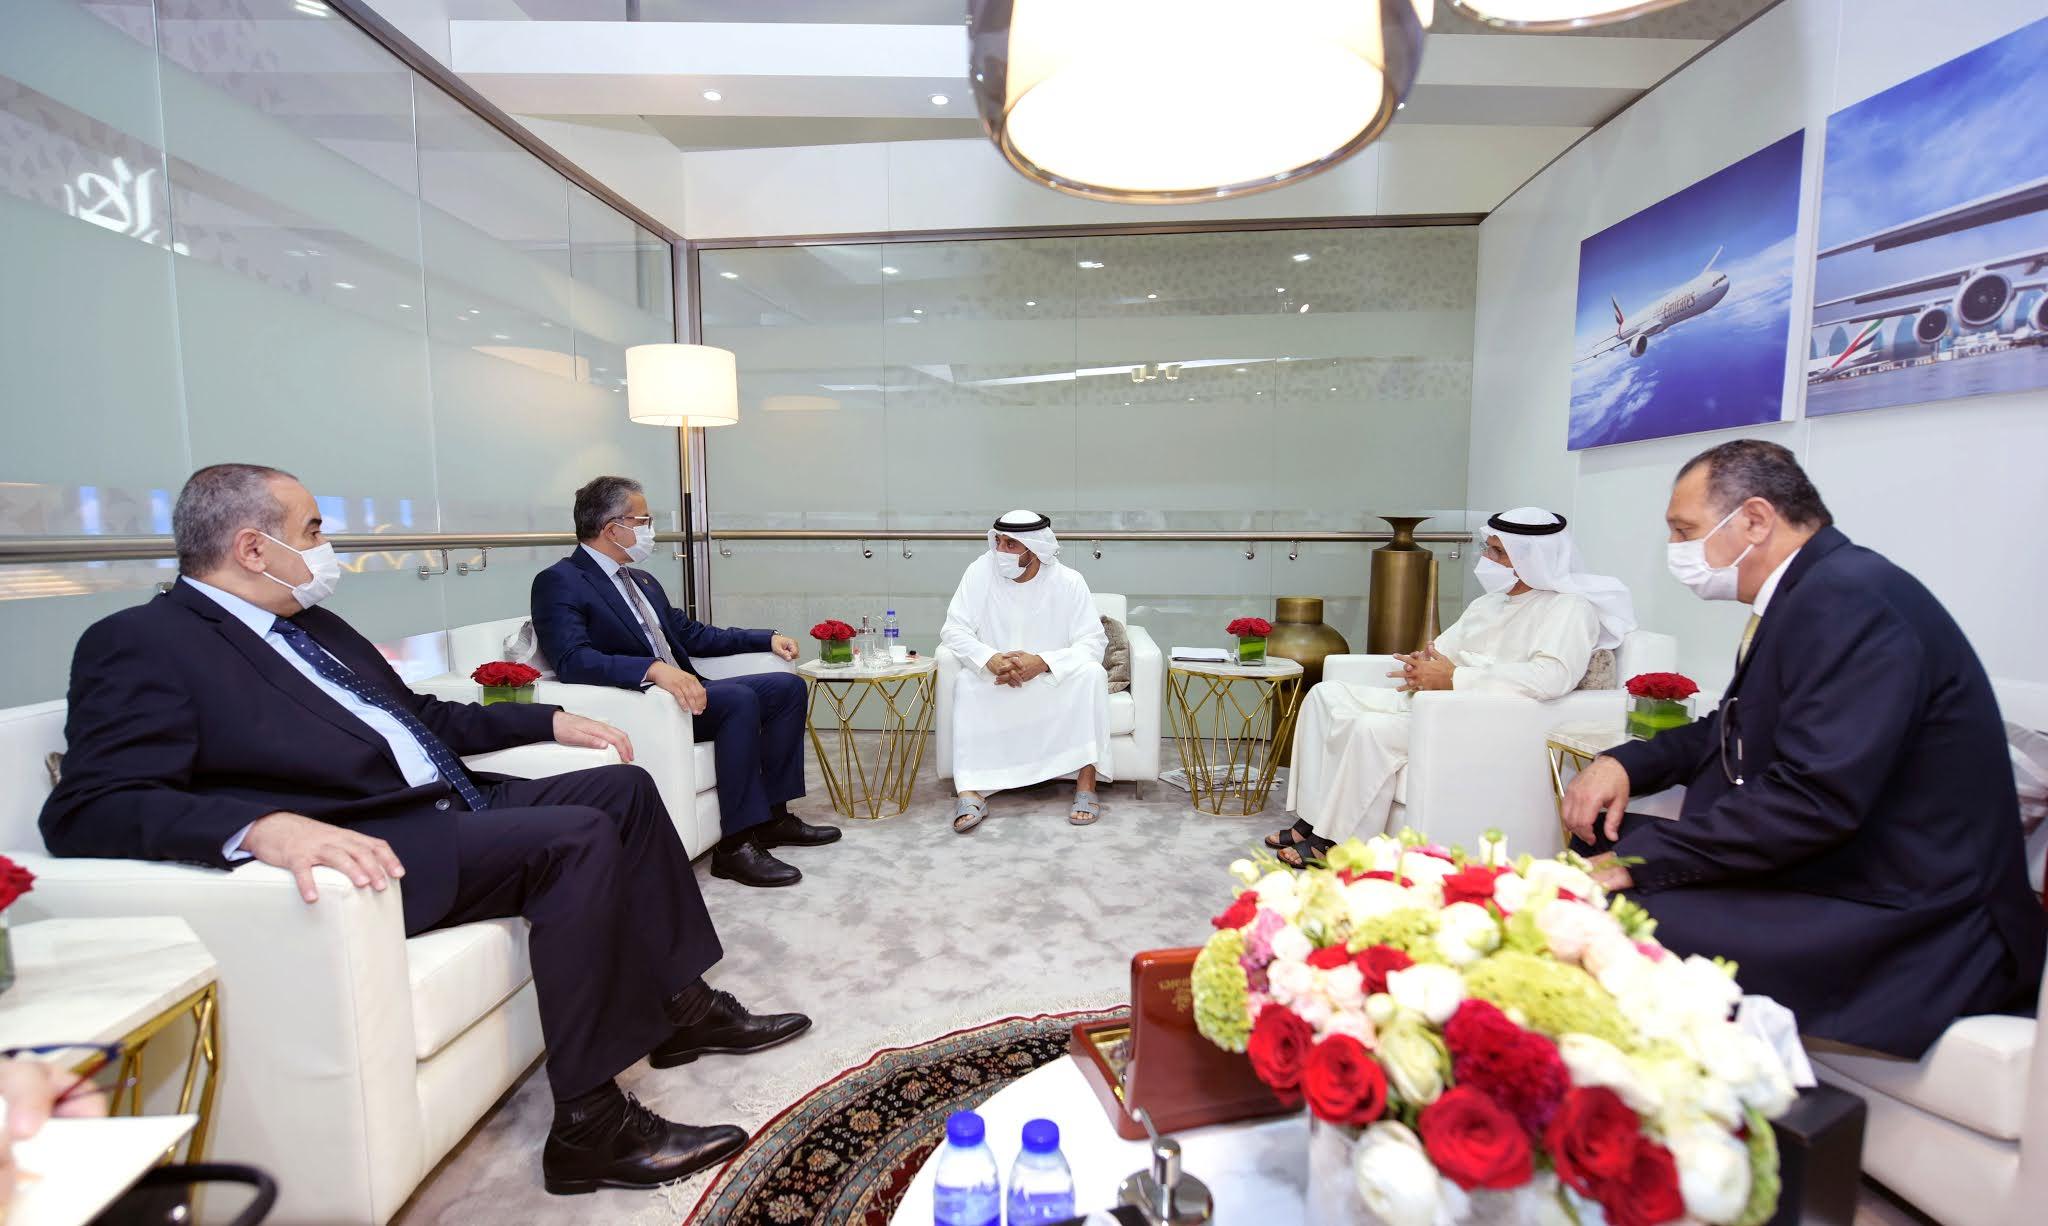 طيران الإمارات تستقبل وفداً حكومياً مصرياً في سوق السفر العربي